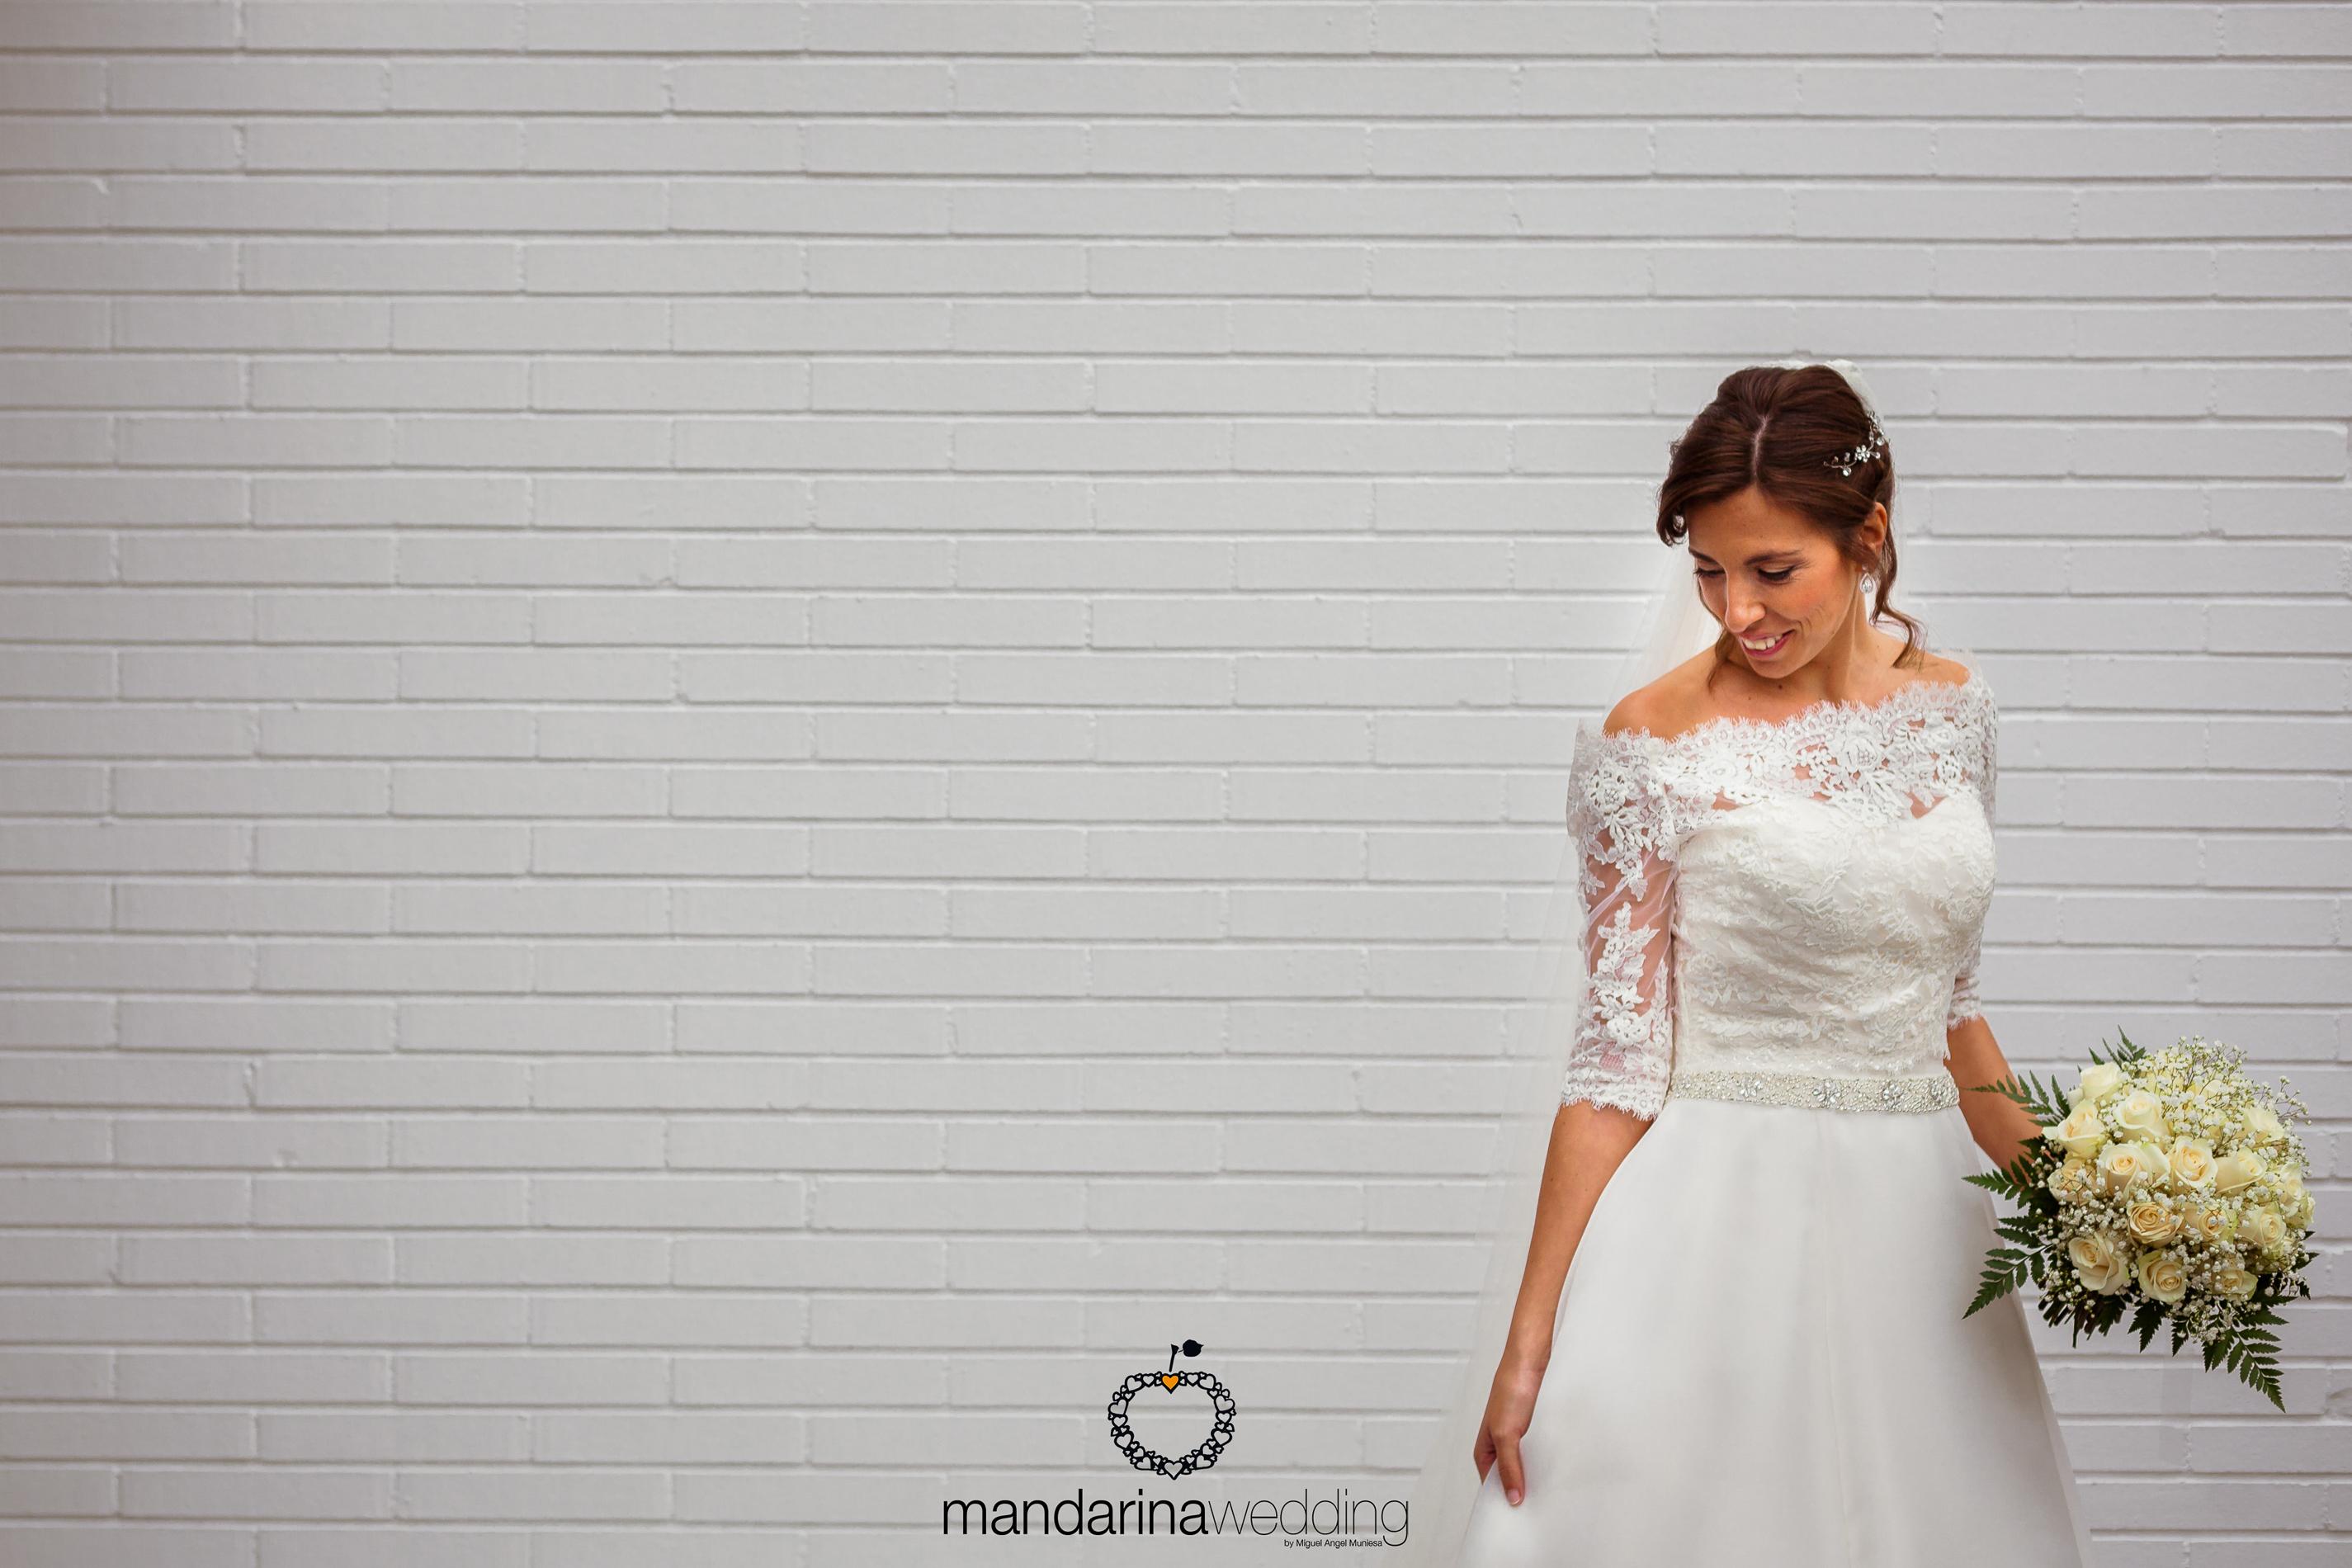 mandarina-wedding-fotografos-boda-zaragoza-bodas-fotografia-de-boda-fotografos-de-boda_13